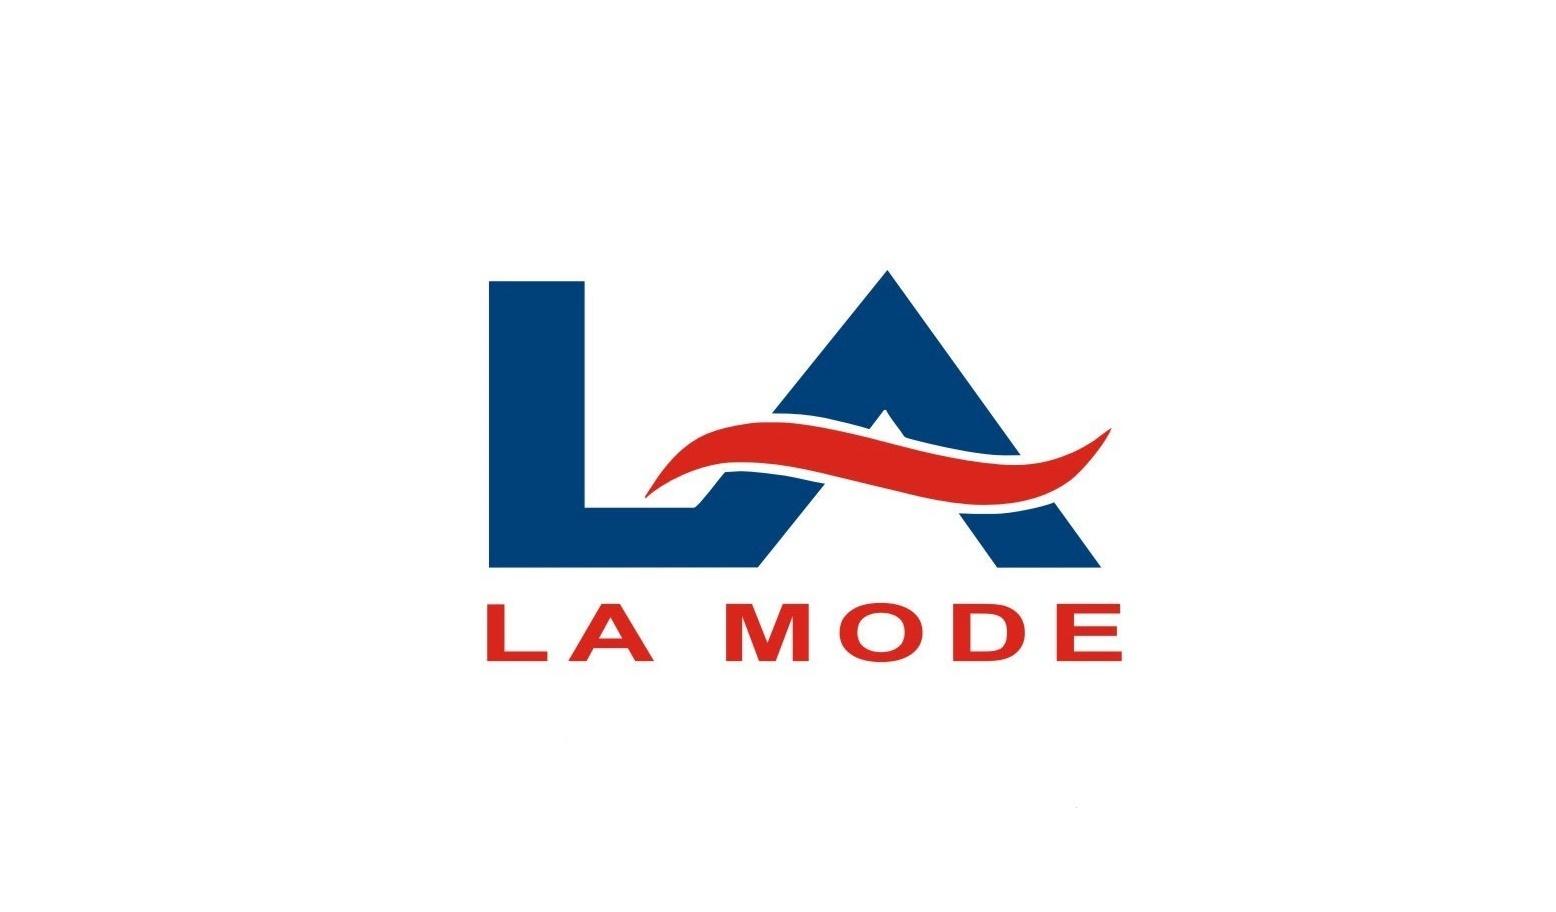 لوجو شركة لامود لألستيراد مستلزمات الملابس